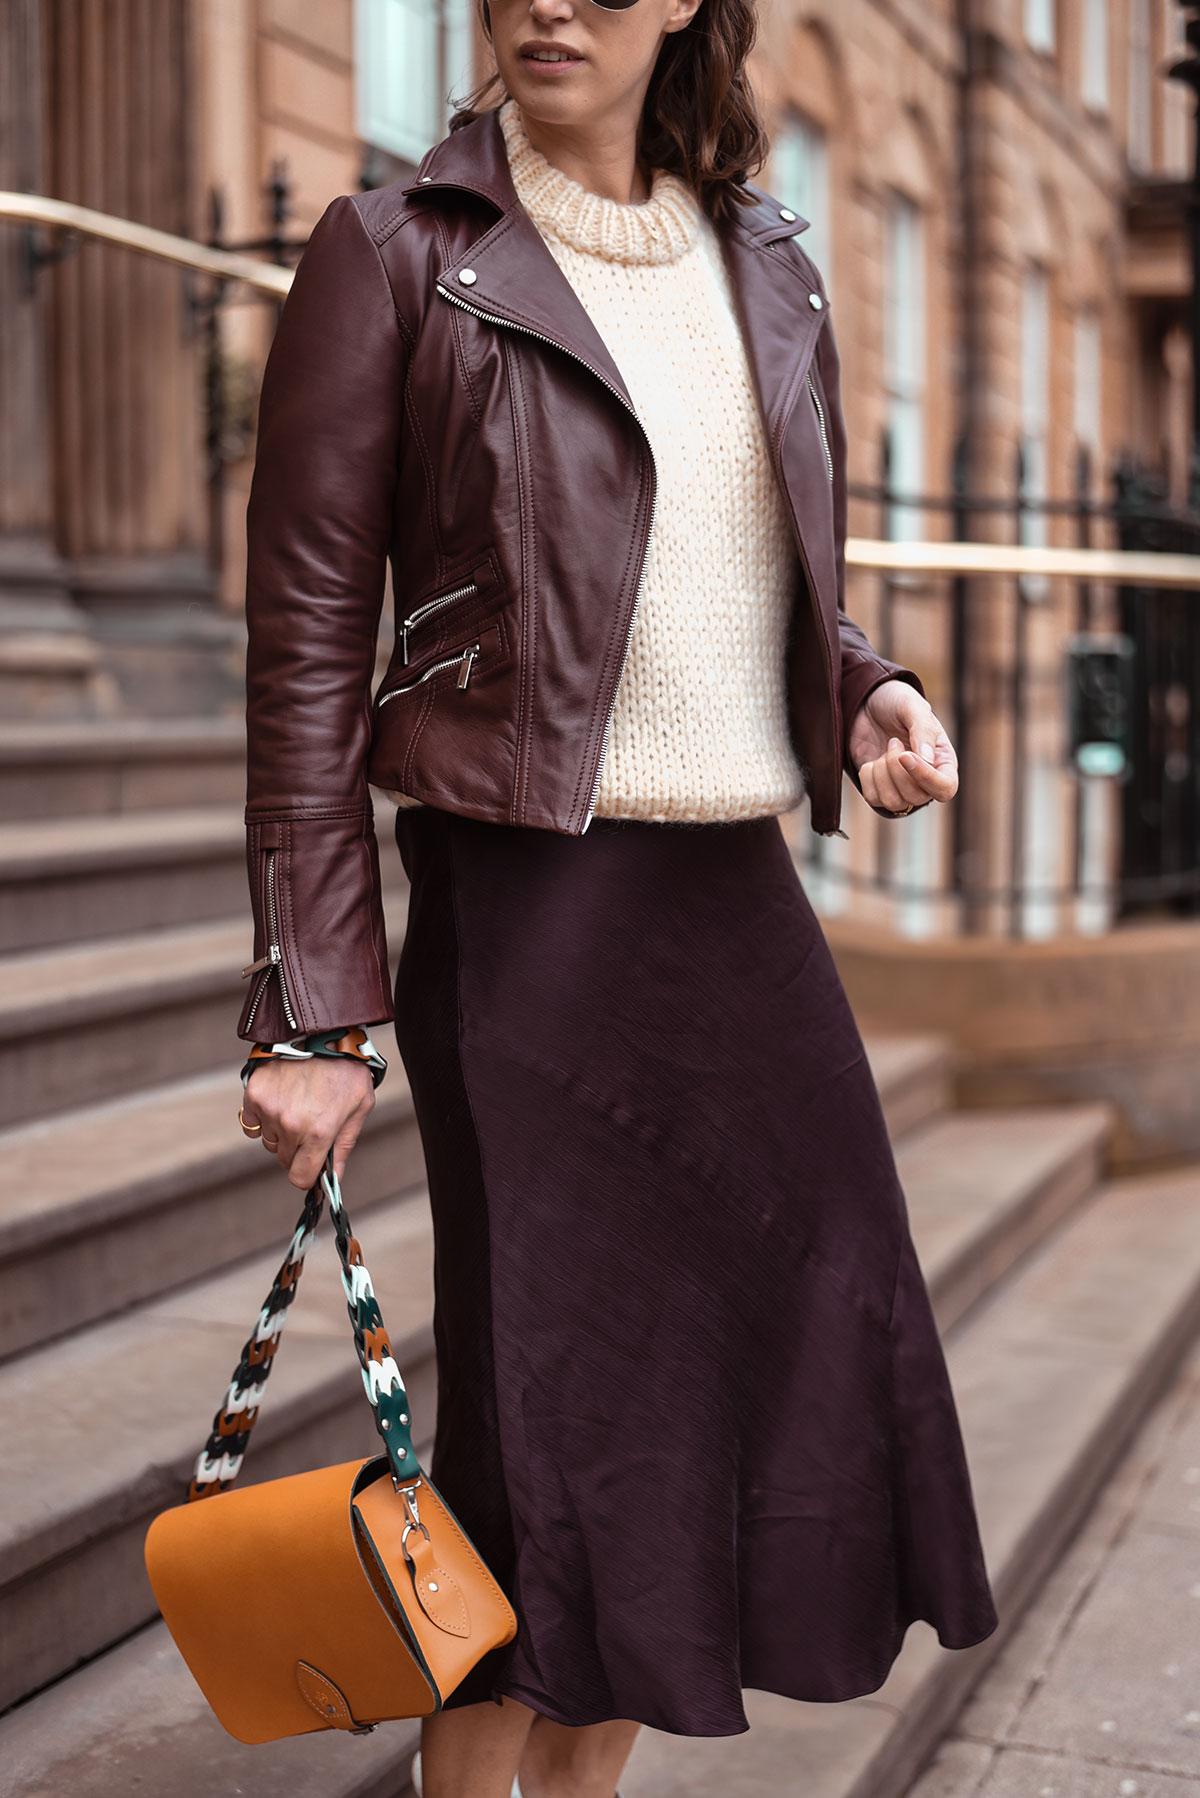 563e9e30a8b *Denotes affiliate links. OUTFIT DETAILS*. leather jacket – Karen Millen ...